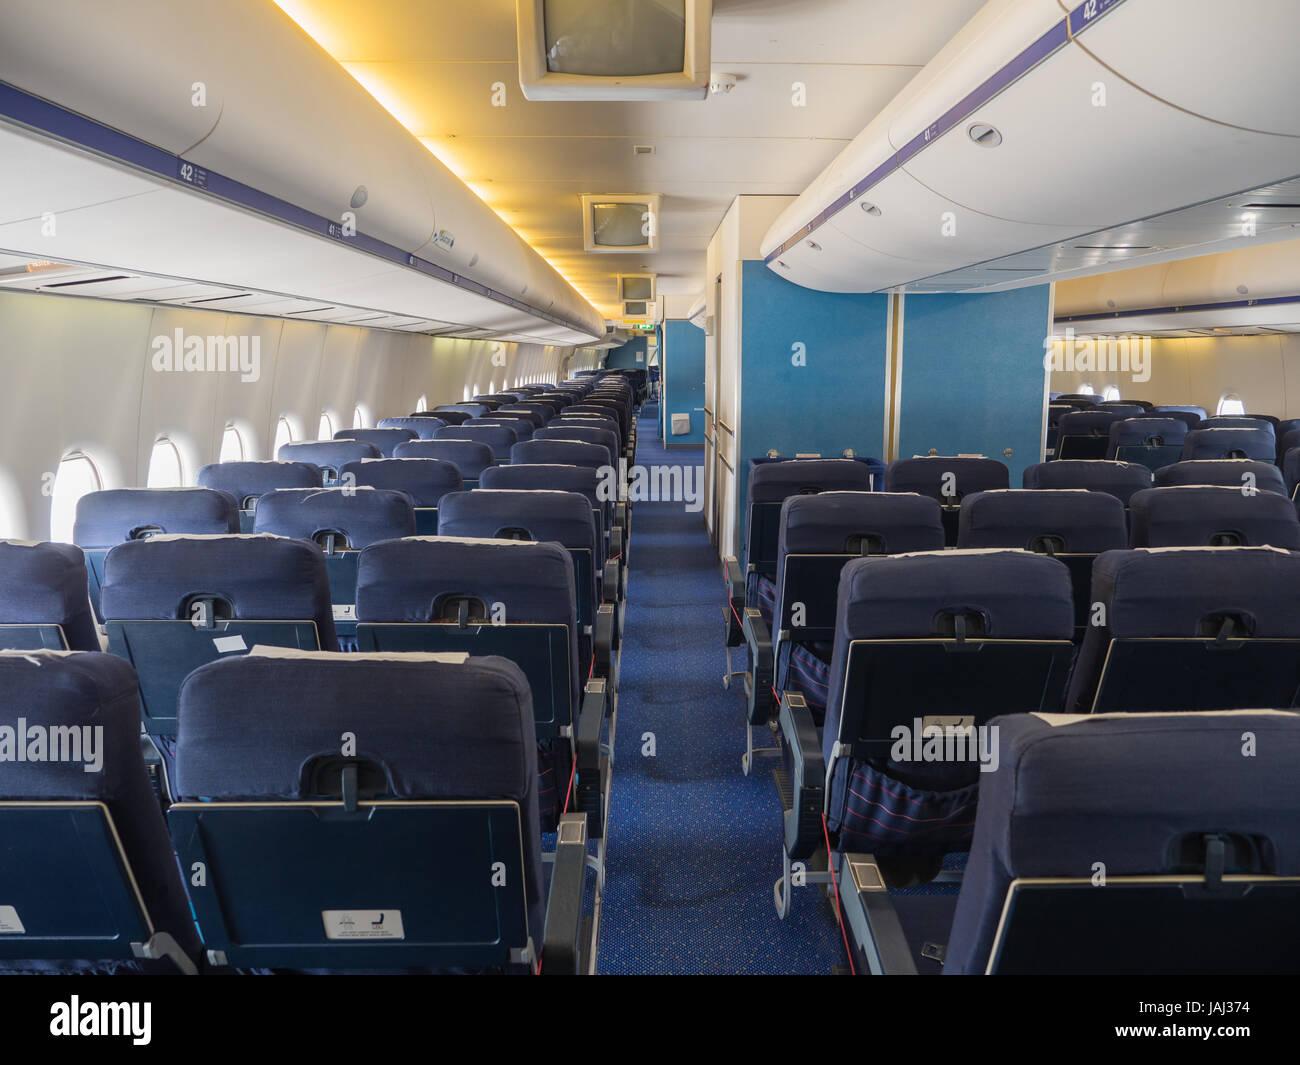 Boeing 747 Interior Stockfotos & Boeing 747 Interior Bilder - Seite ...